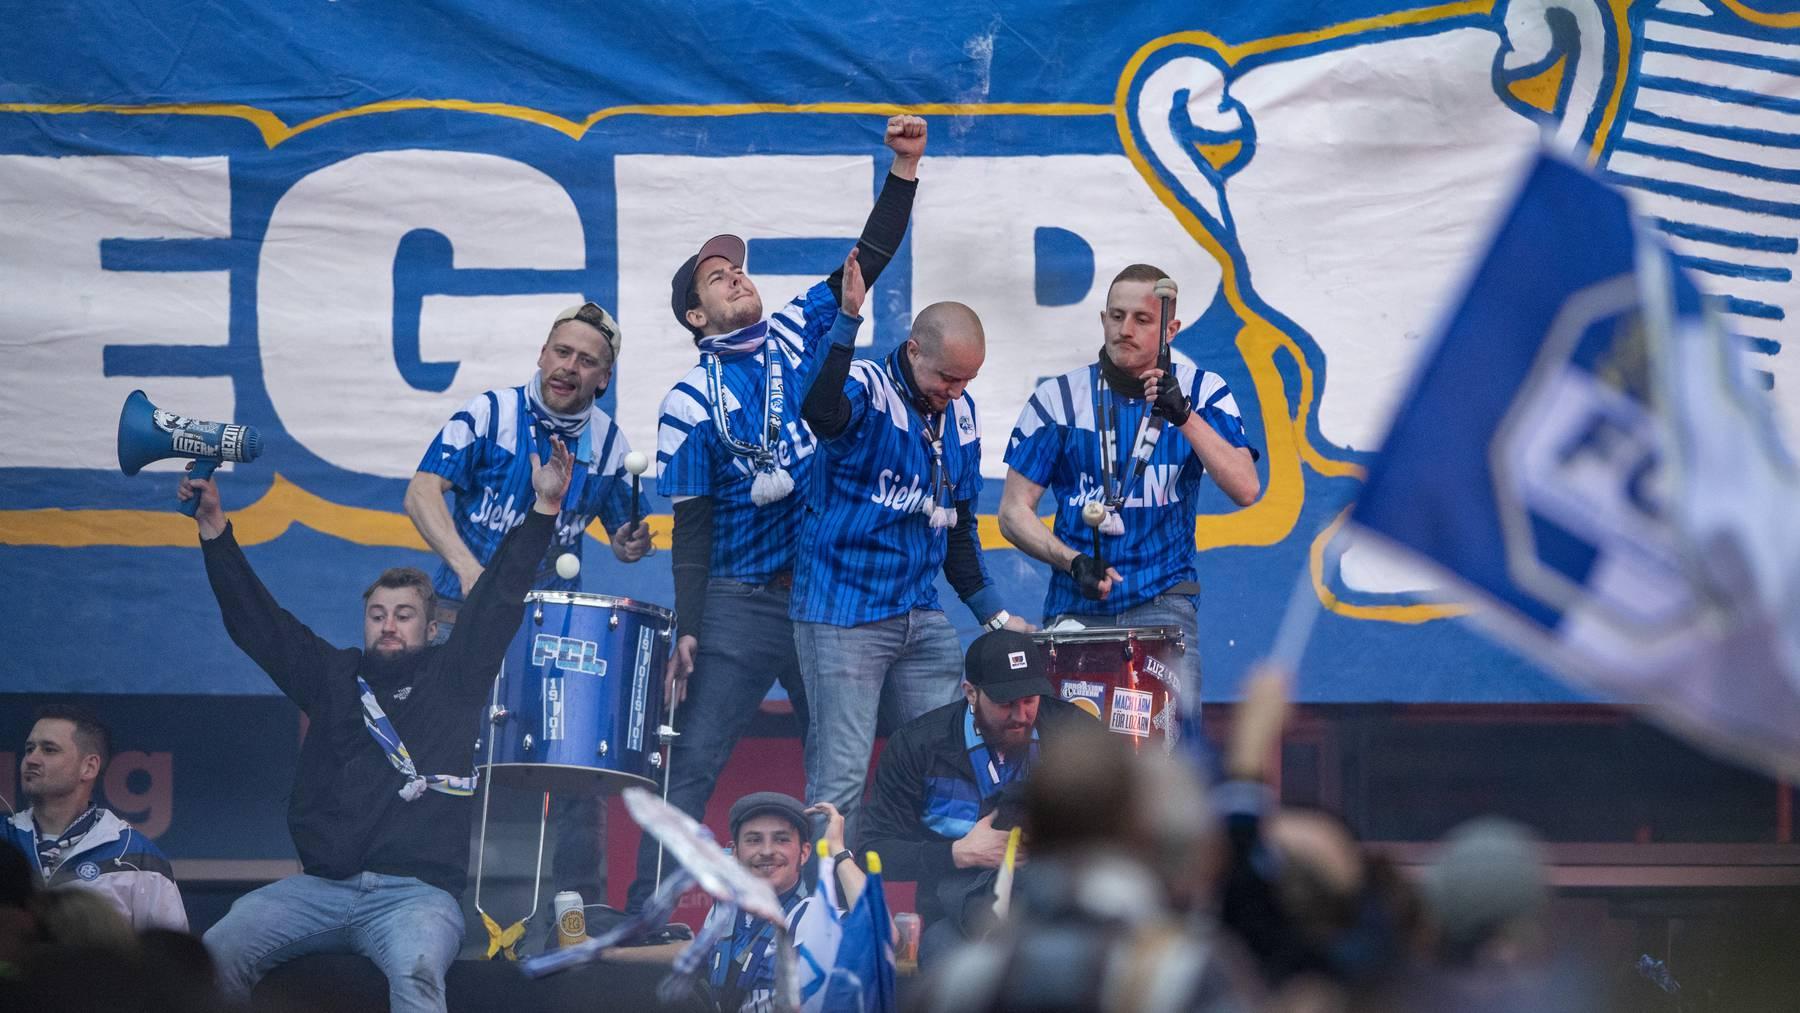 Fans des FC Luzern feiern den Sieg nach dem Cup Finalspiel in Luzern anlaesslich des Schweizer Cup Finals zwischen dem FC Luzern und dem FC St. Gallen, am Montag, 24. Mai 2021.